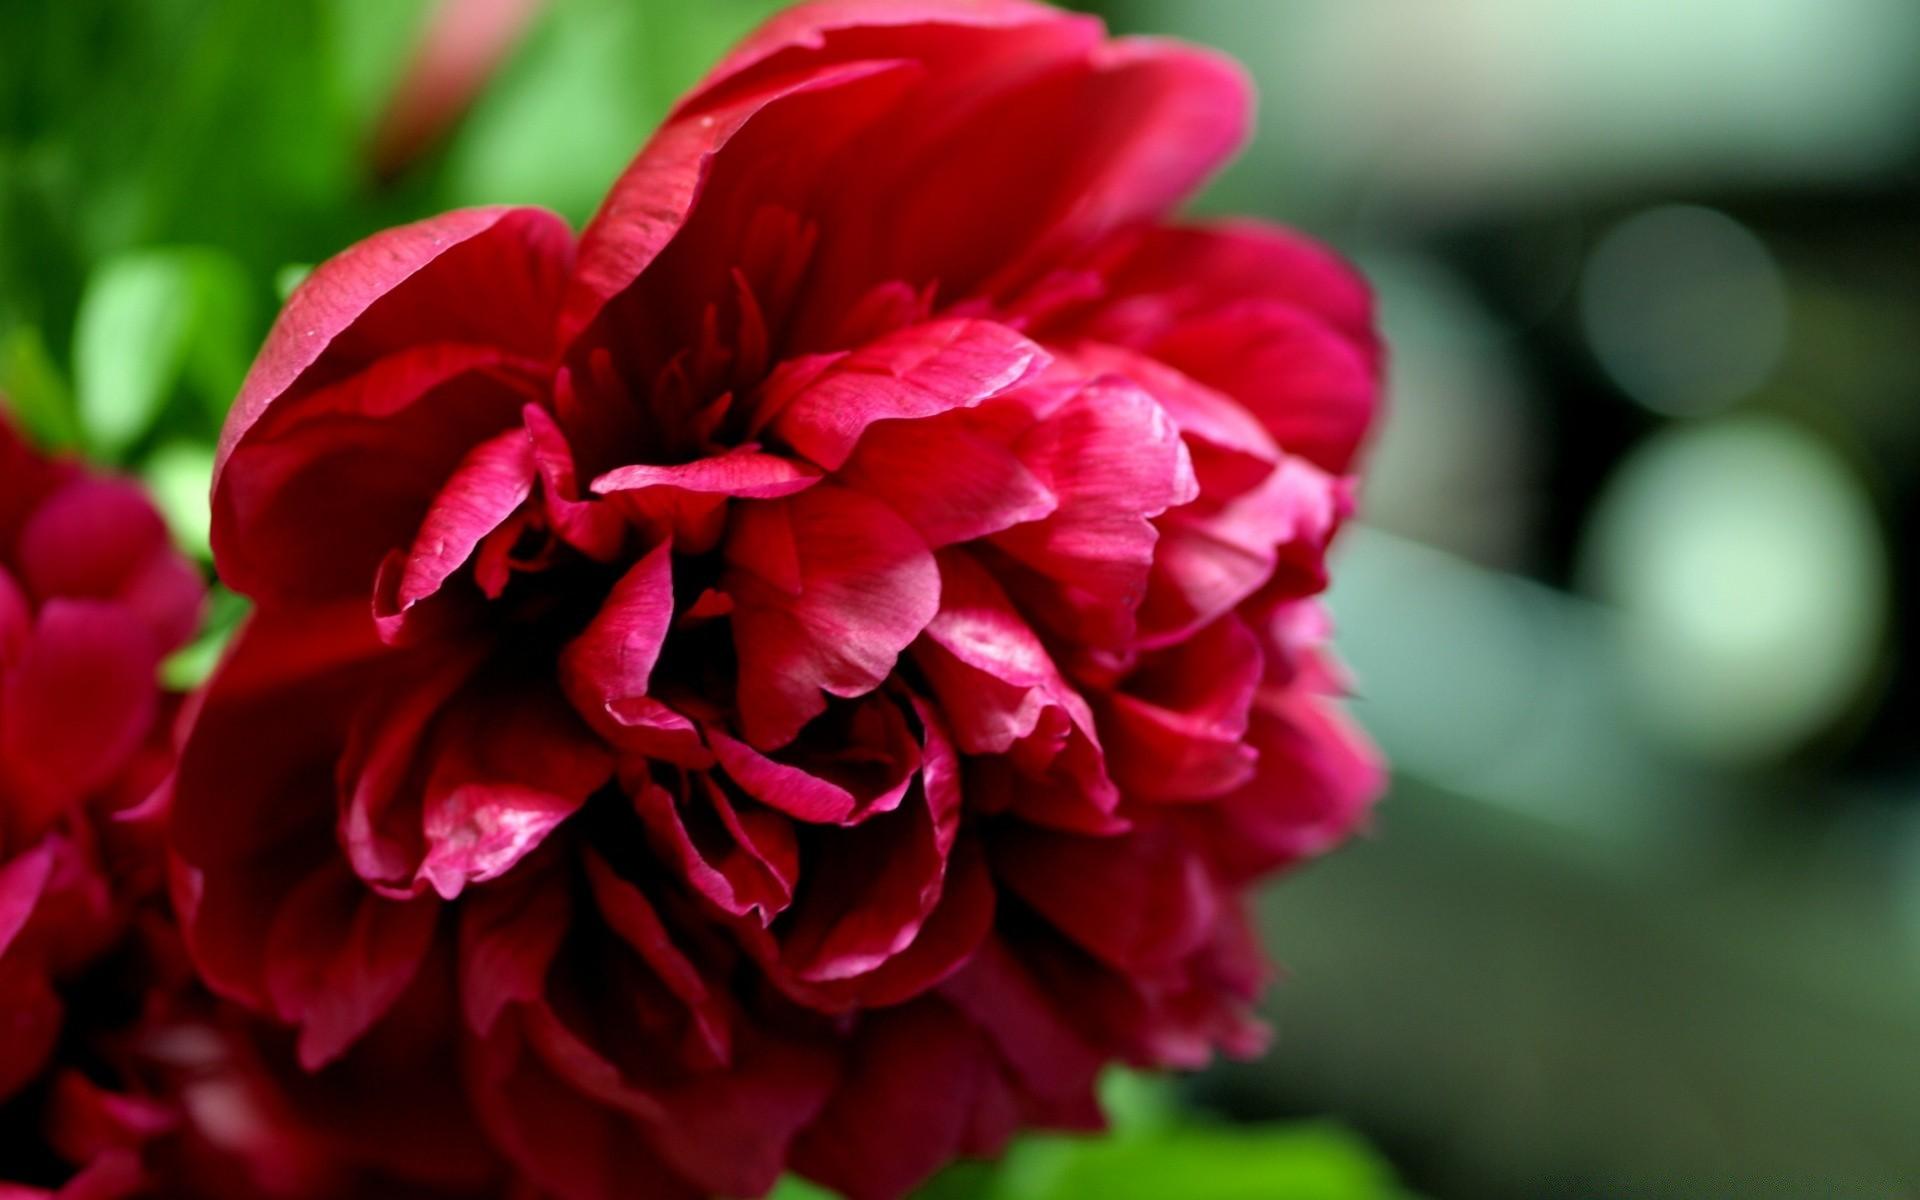 лучше восстановить, красные цветы картинки обои себе